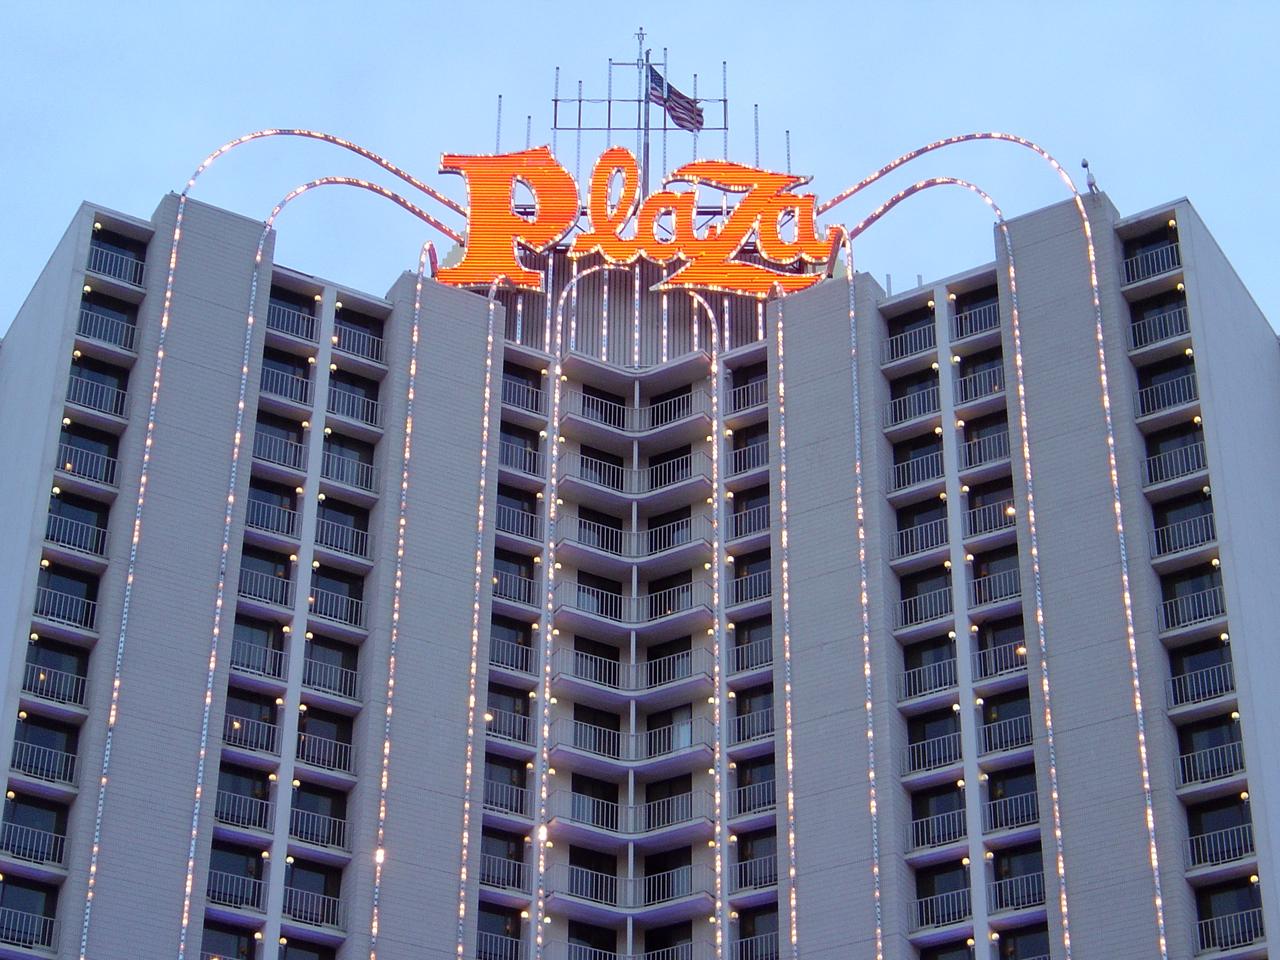 Plaza casino porto rio casino отзывы